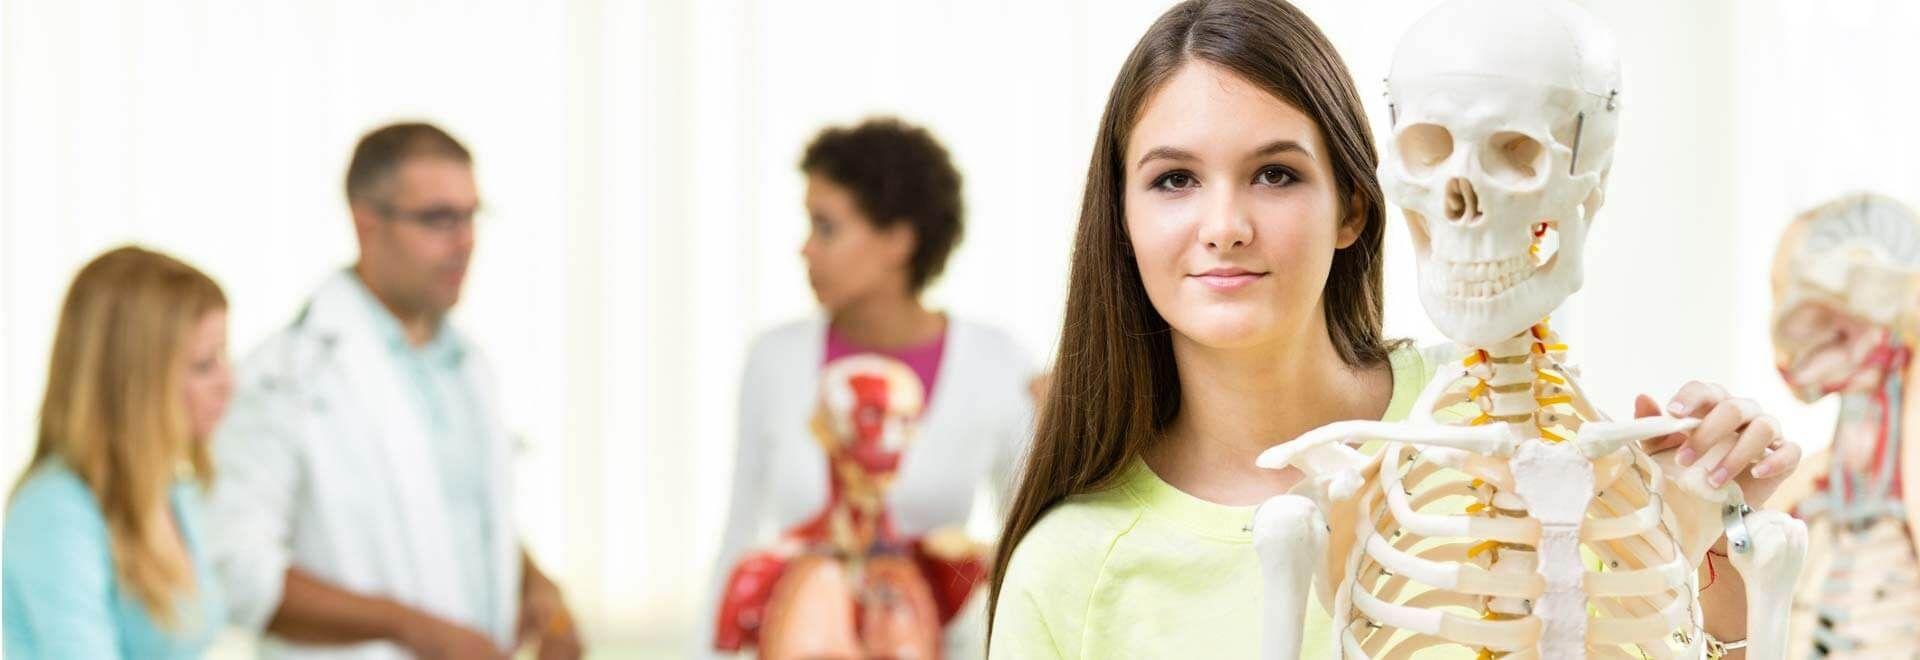 Eine junge Dame hält das Modell eines menschlichen Skeletts